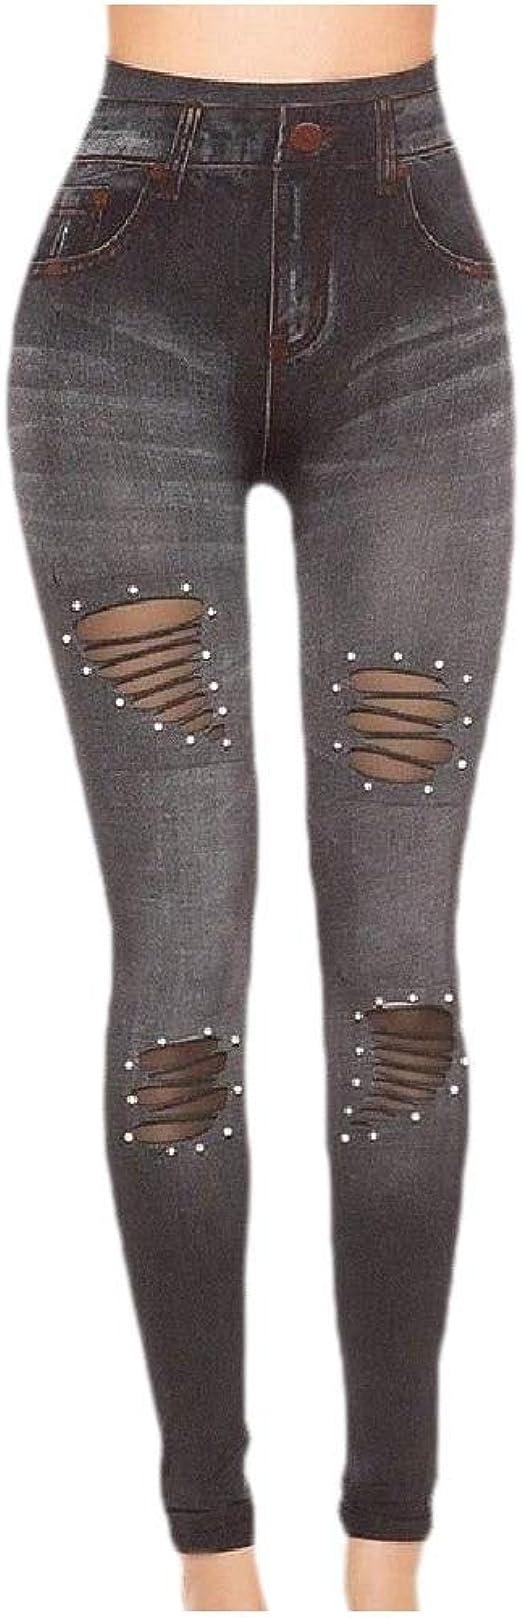 AngelSpace Womens Skinny Skinny Pencil Pants Elastic Hip-uP Jeggings